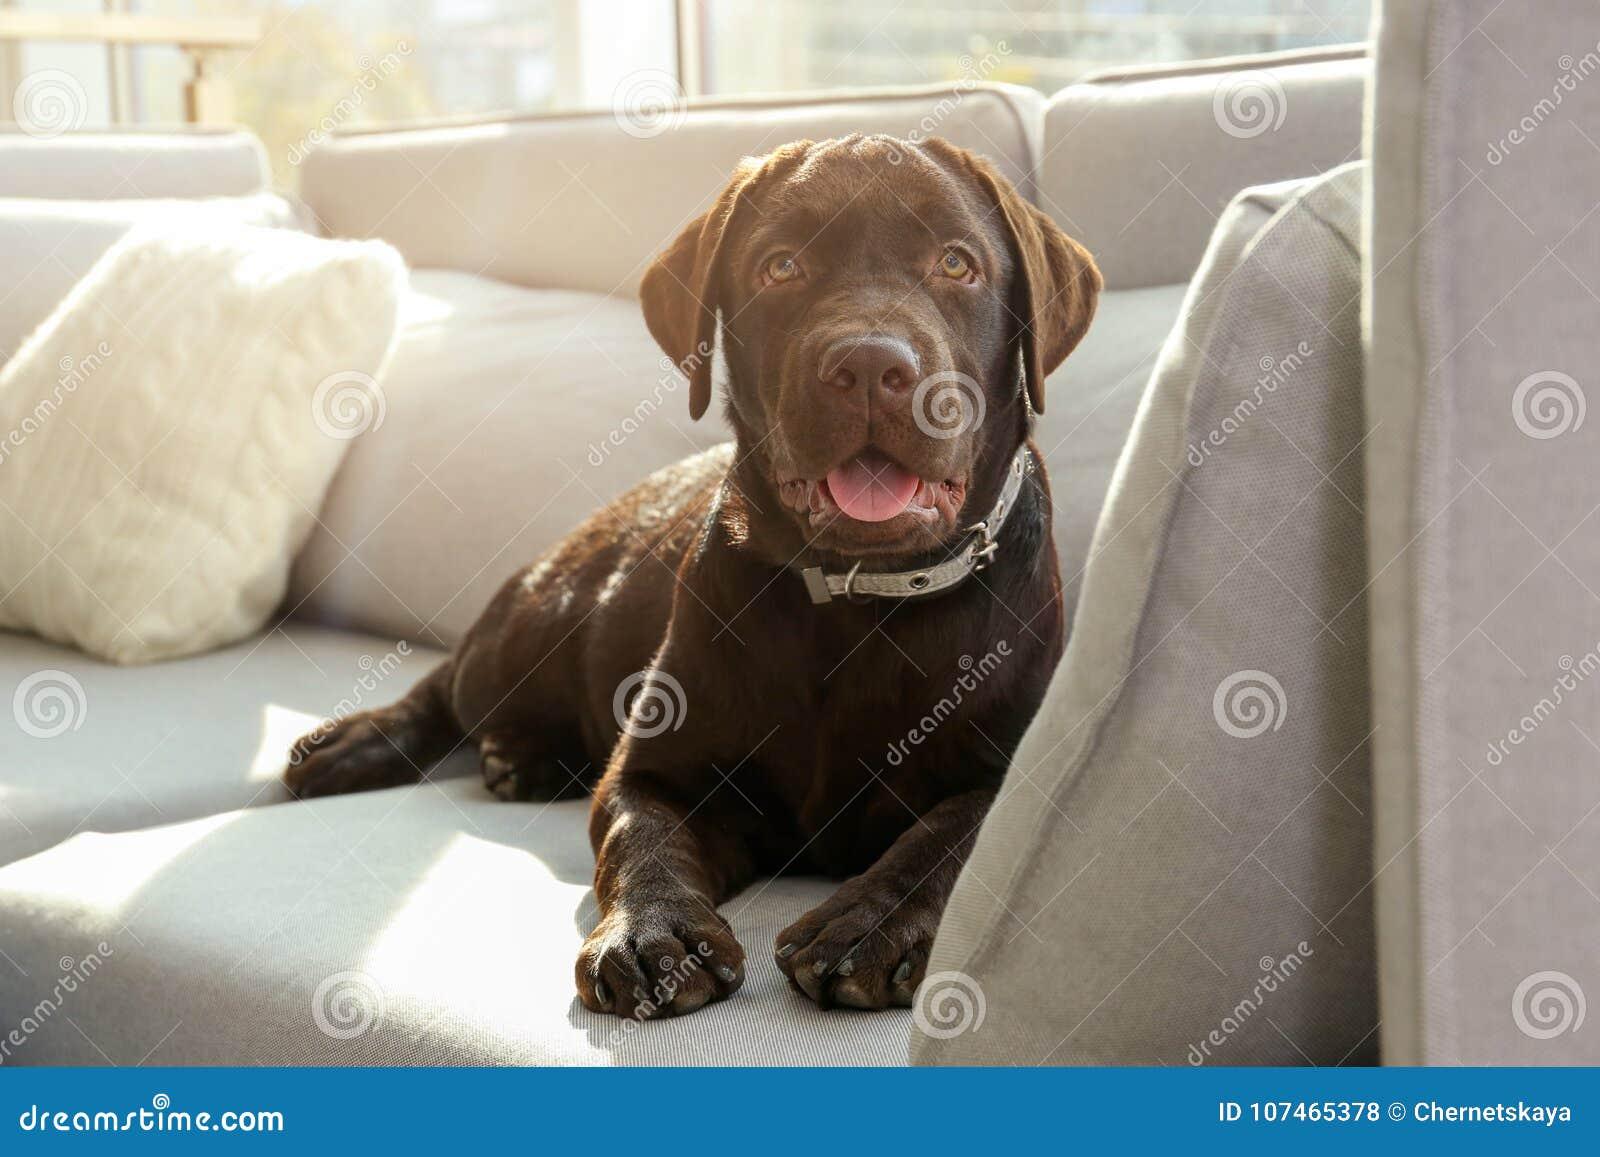 Schokolade labrador retriever auf Sofa